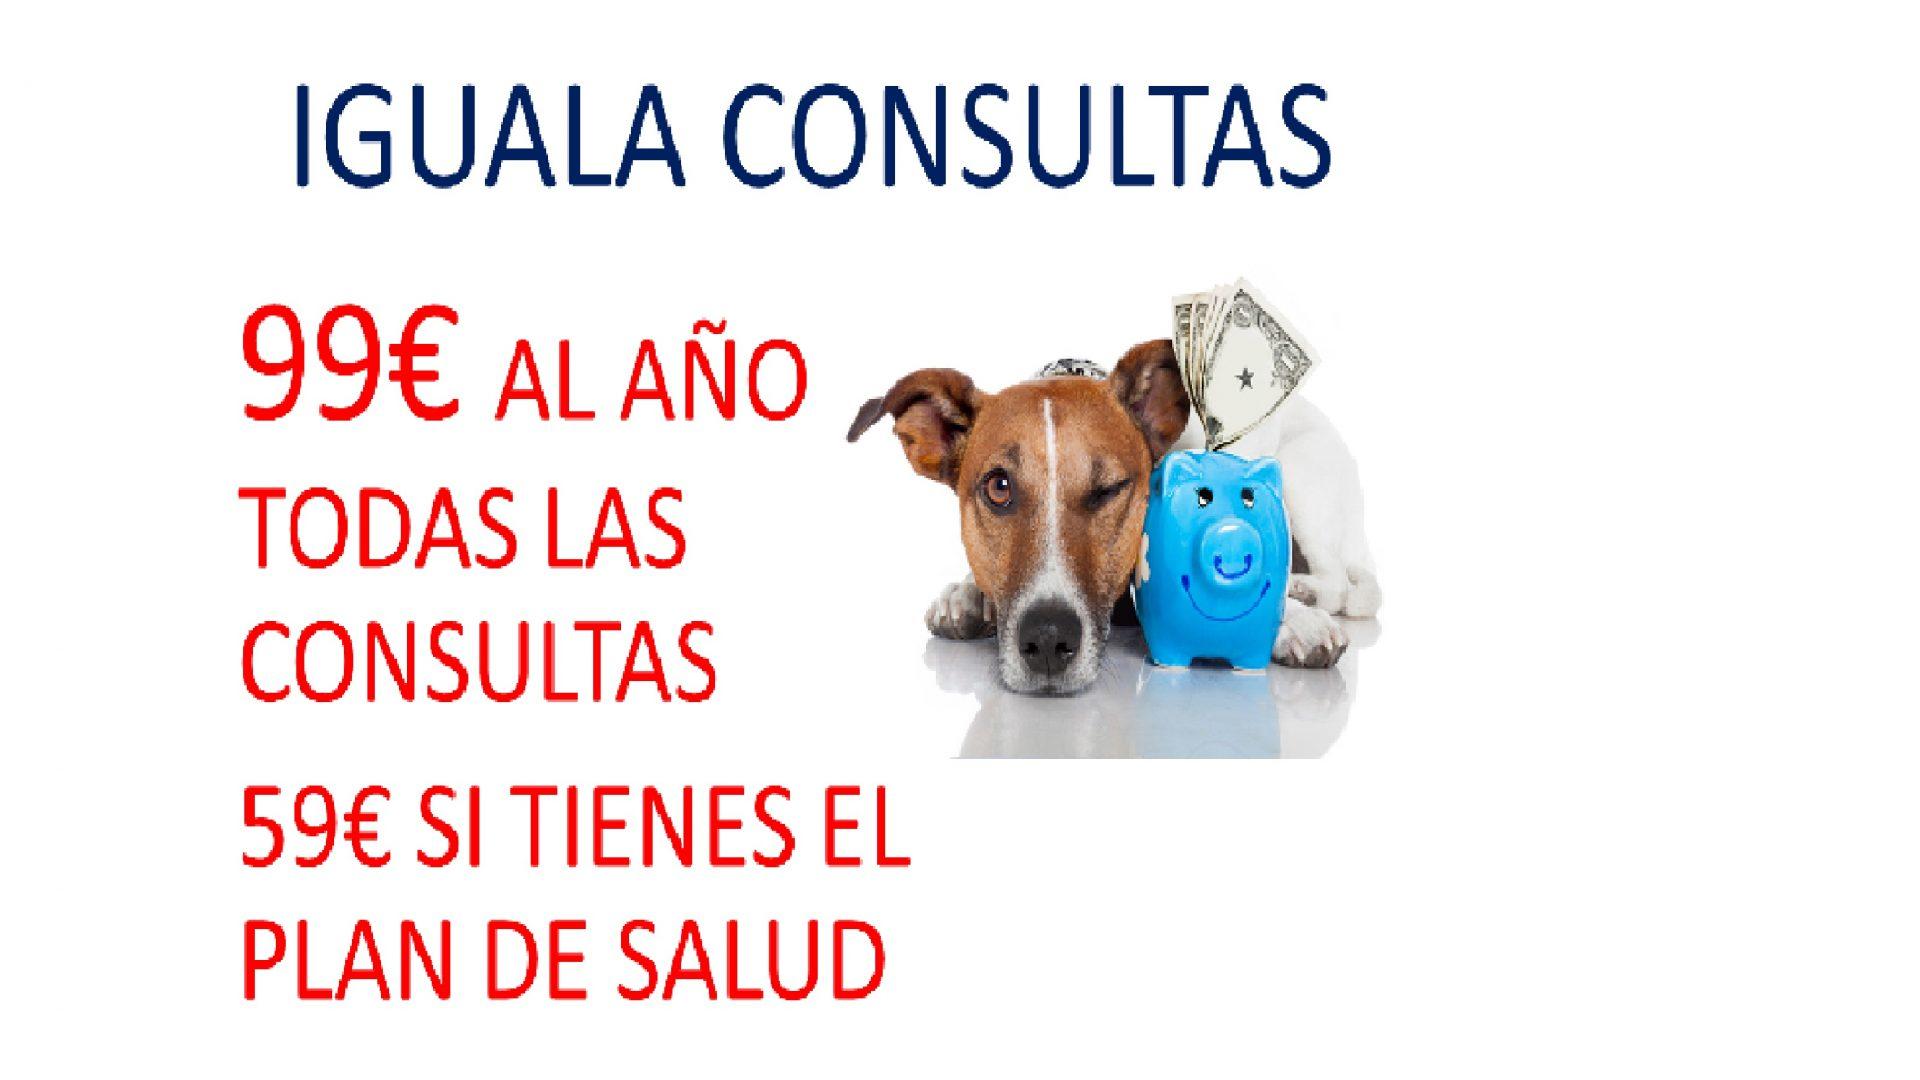 IGUALA DE CONSULTAS